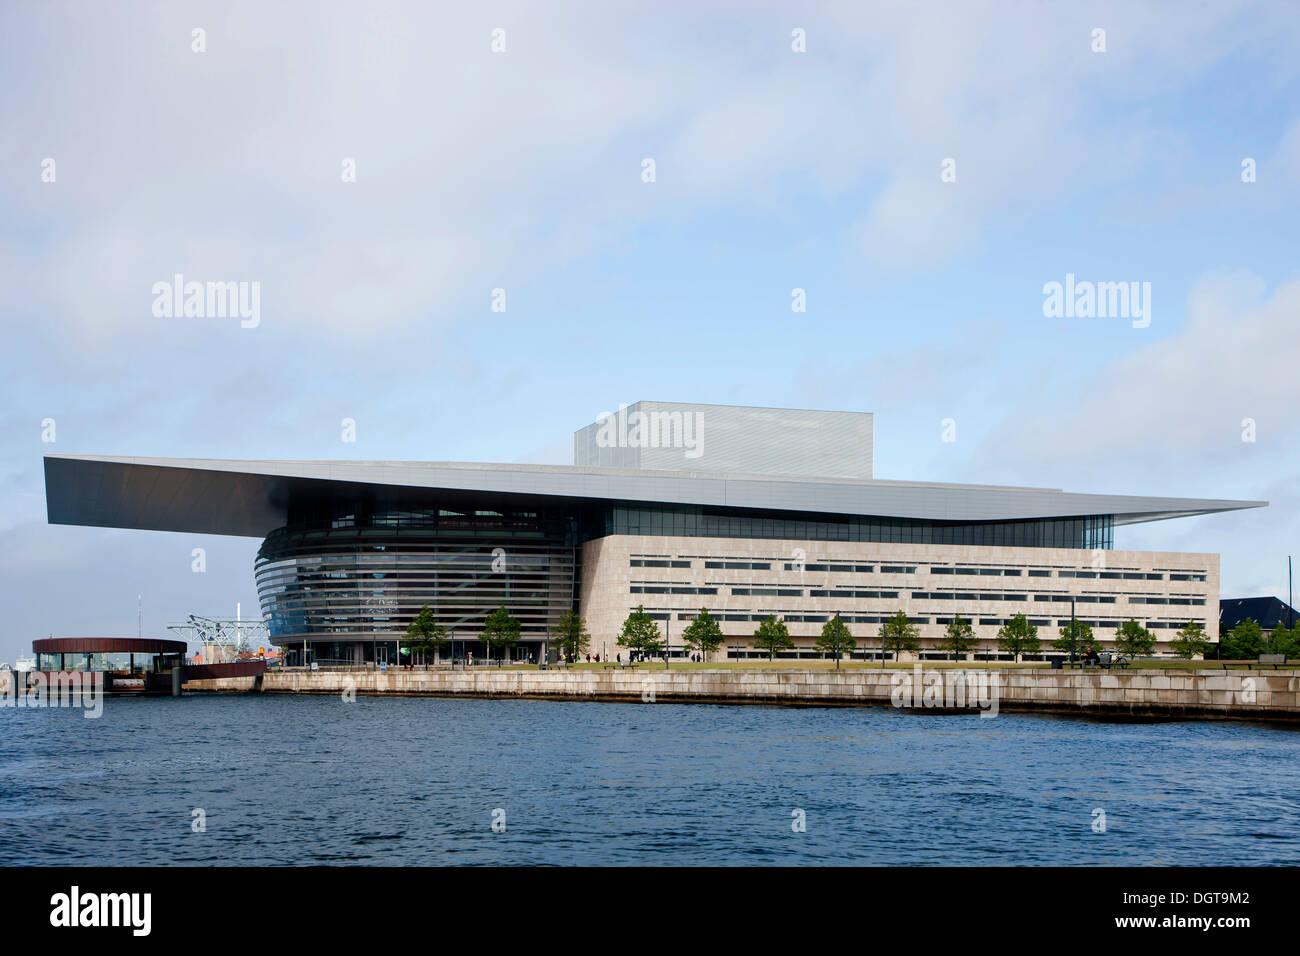 The Copenhagen Opera House, Operaen, Copenhagen, Denmark Stock Photo